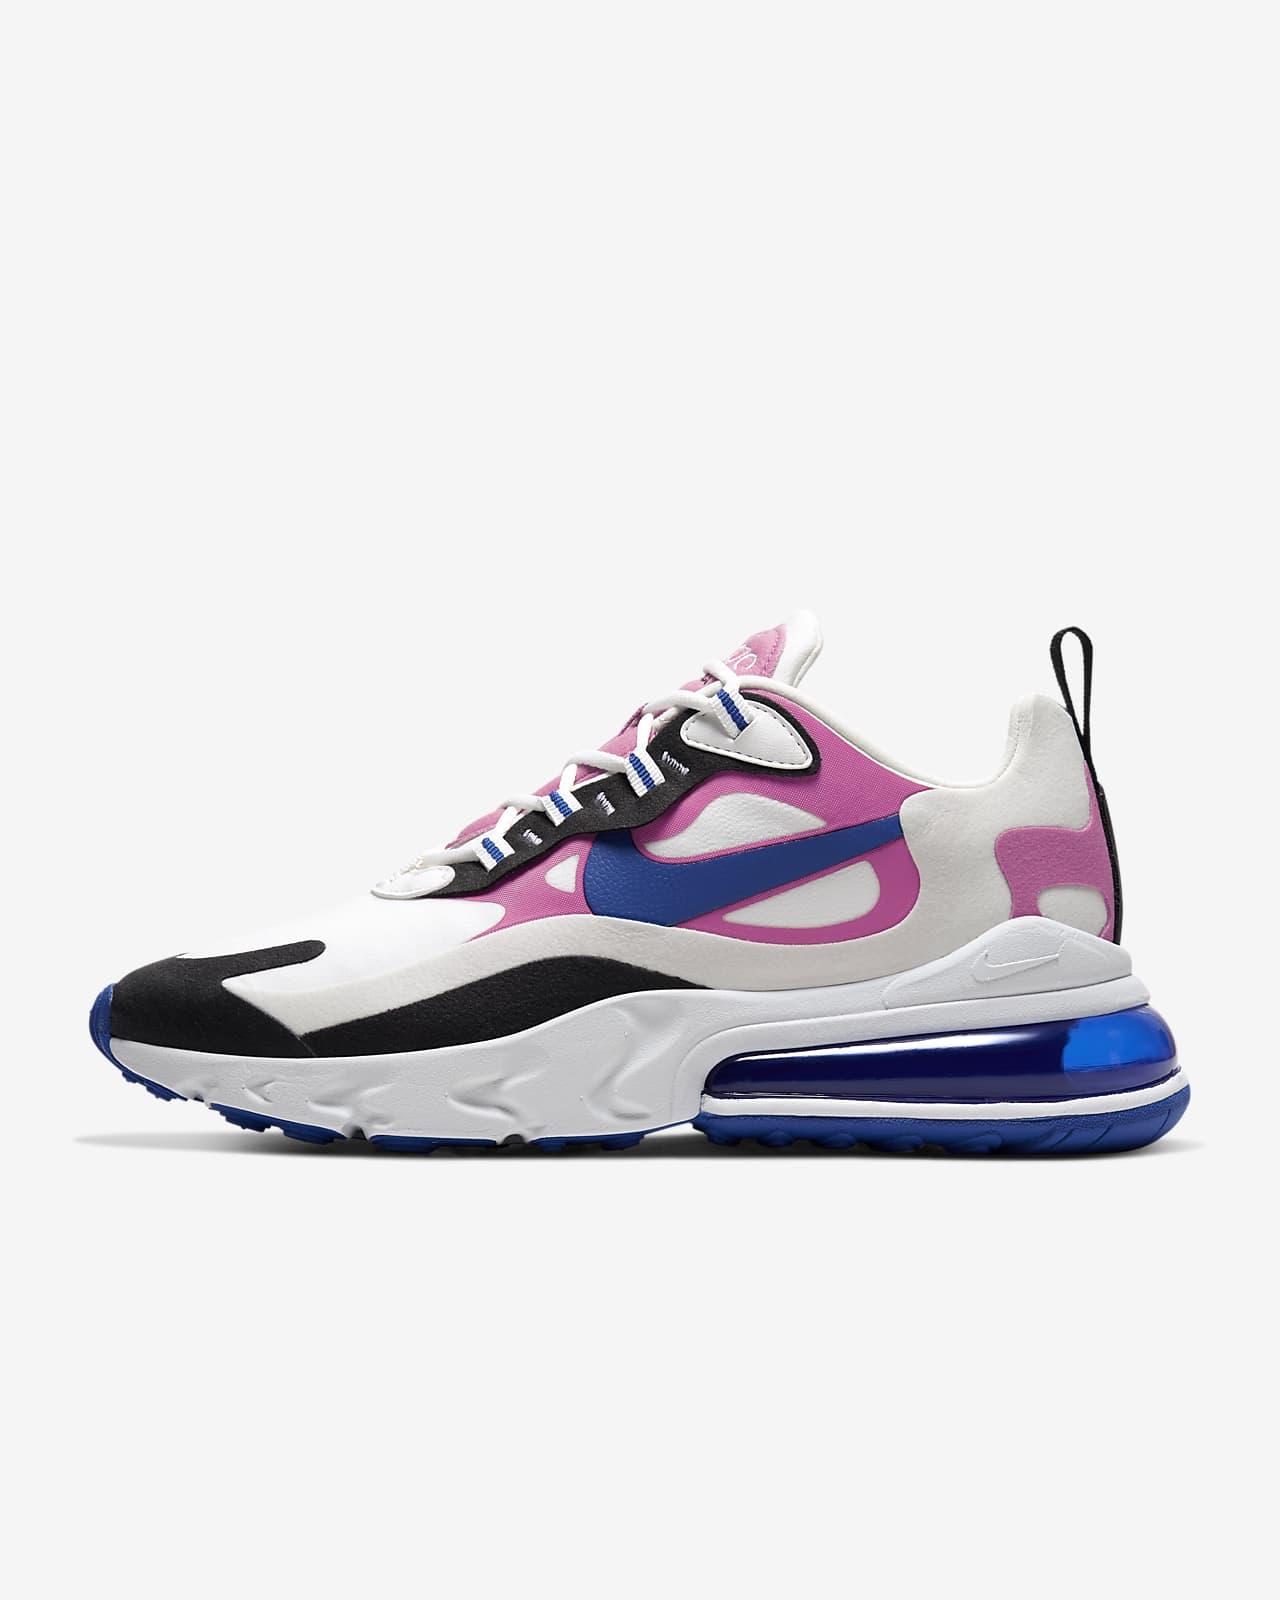 nike air max 270 blau pink